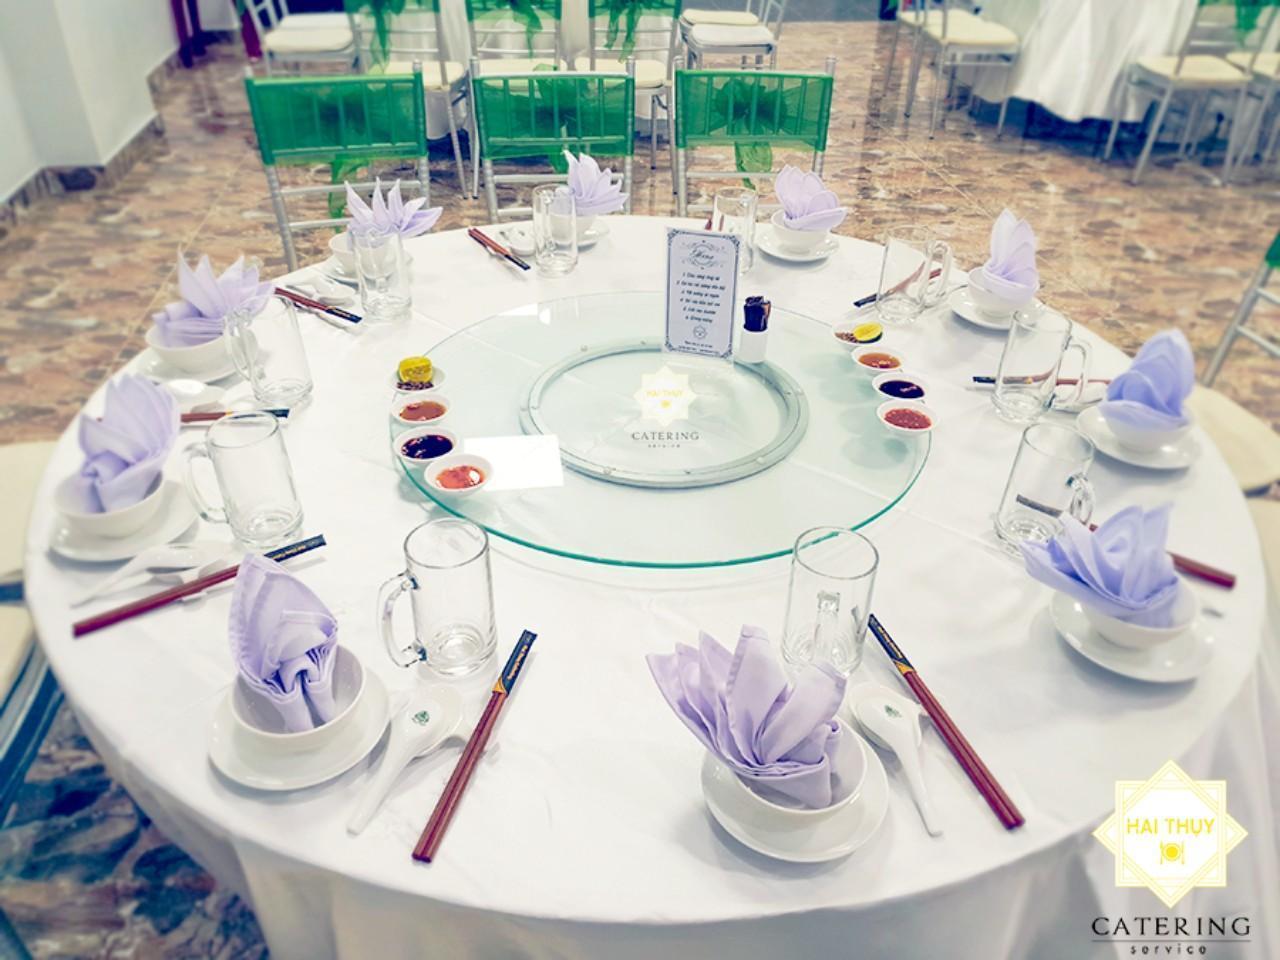 Tổ chức tiệc mừng thọ quận 4 đáng nhớ cùng Hai Thụy Catering